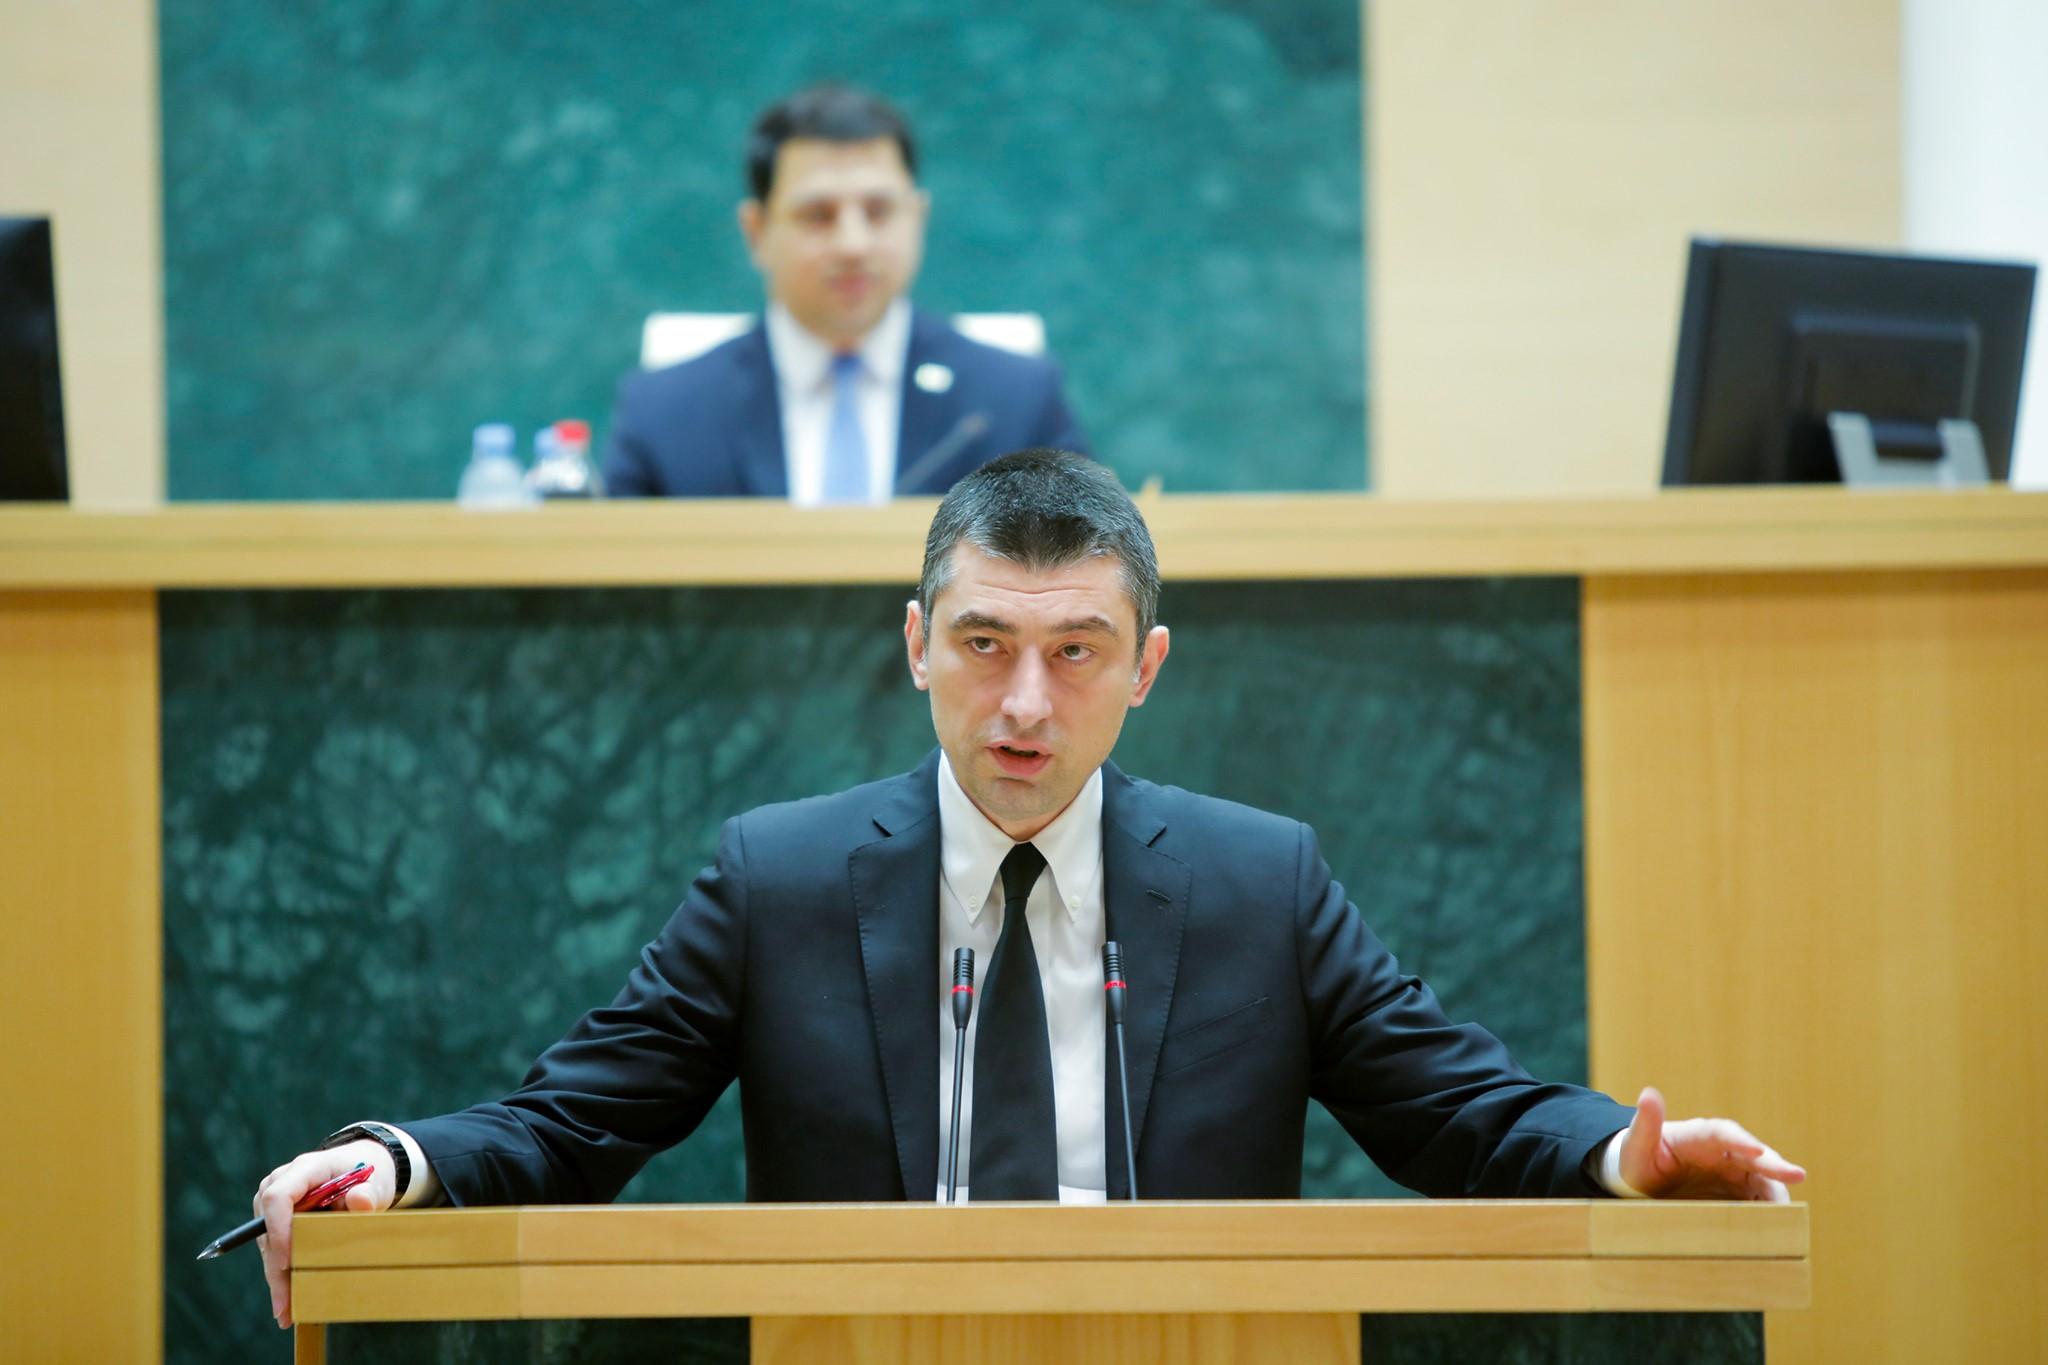 Gakharia Talakvadze евроинтеграция евроинтеграция